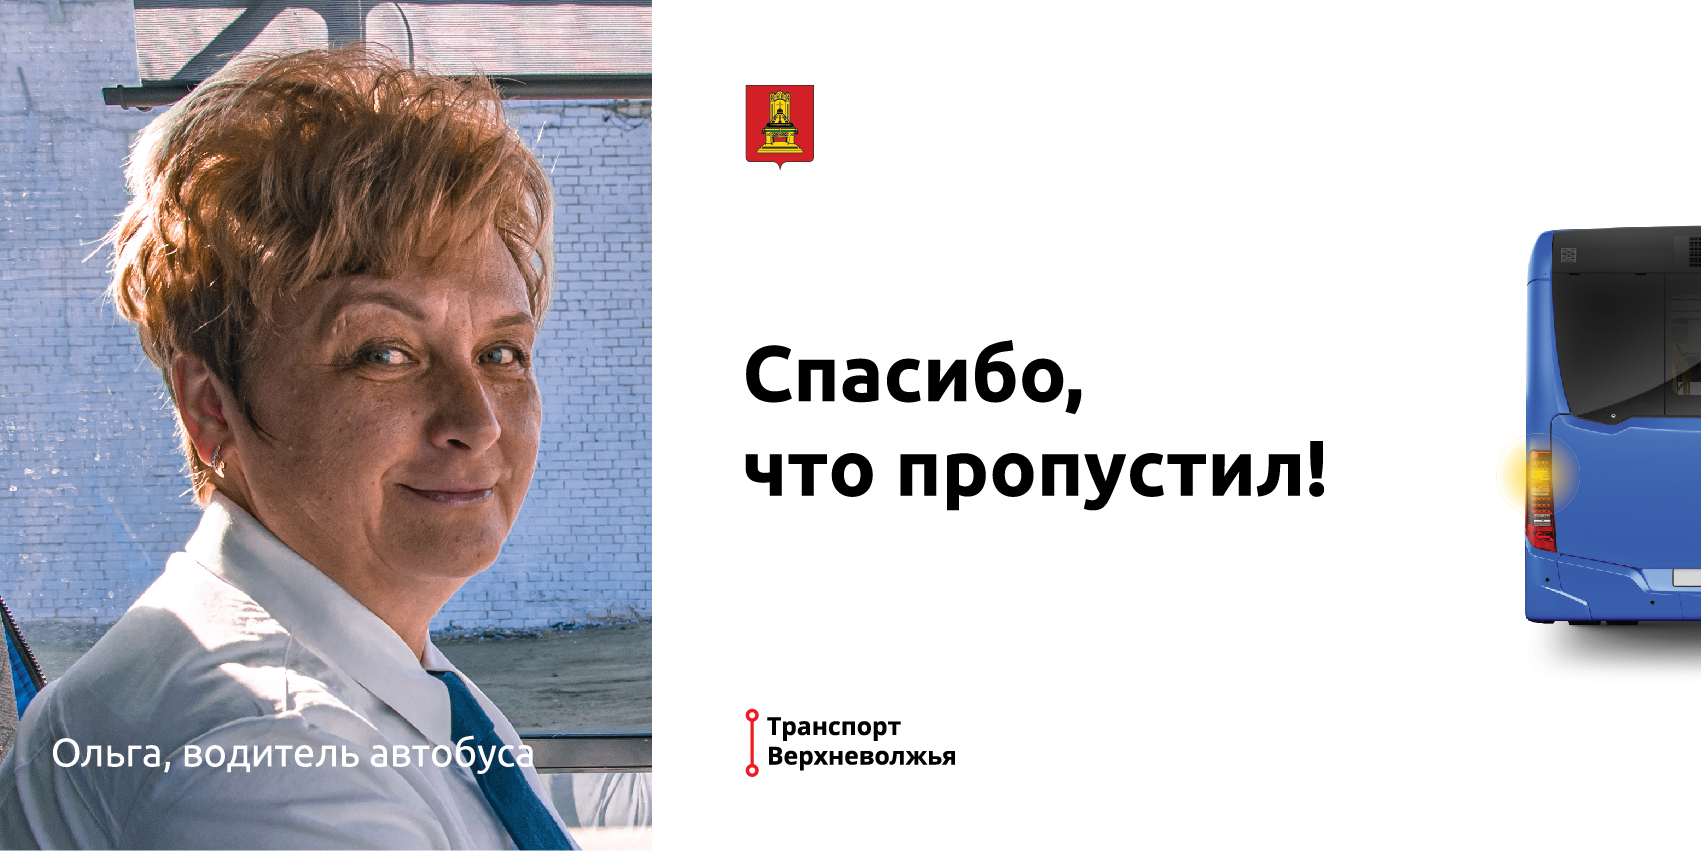 Водители Тверской области проводят компанию по повышению культуры вождения